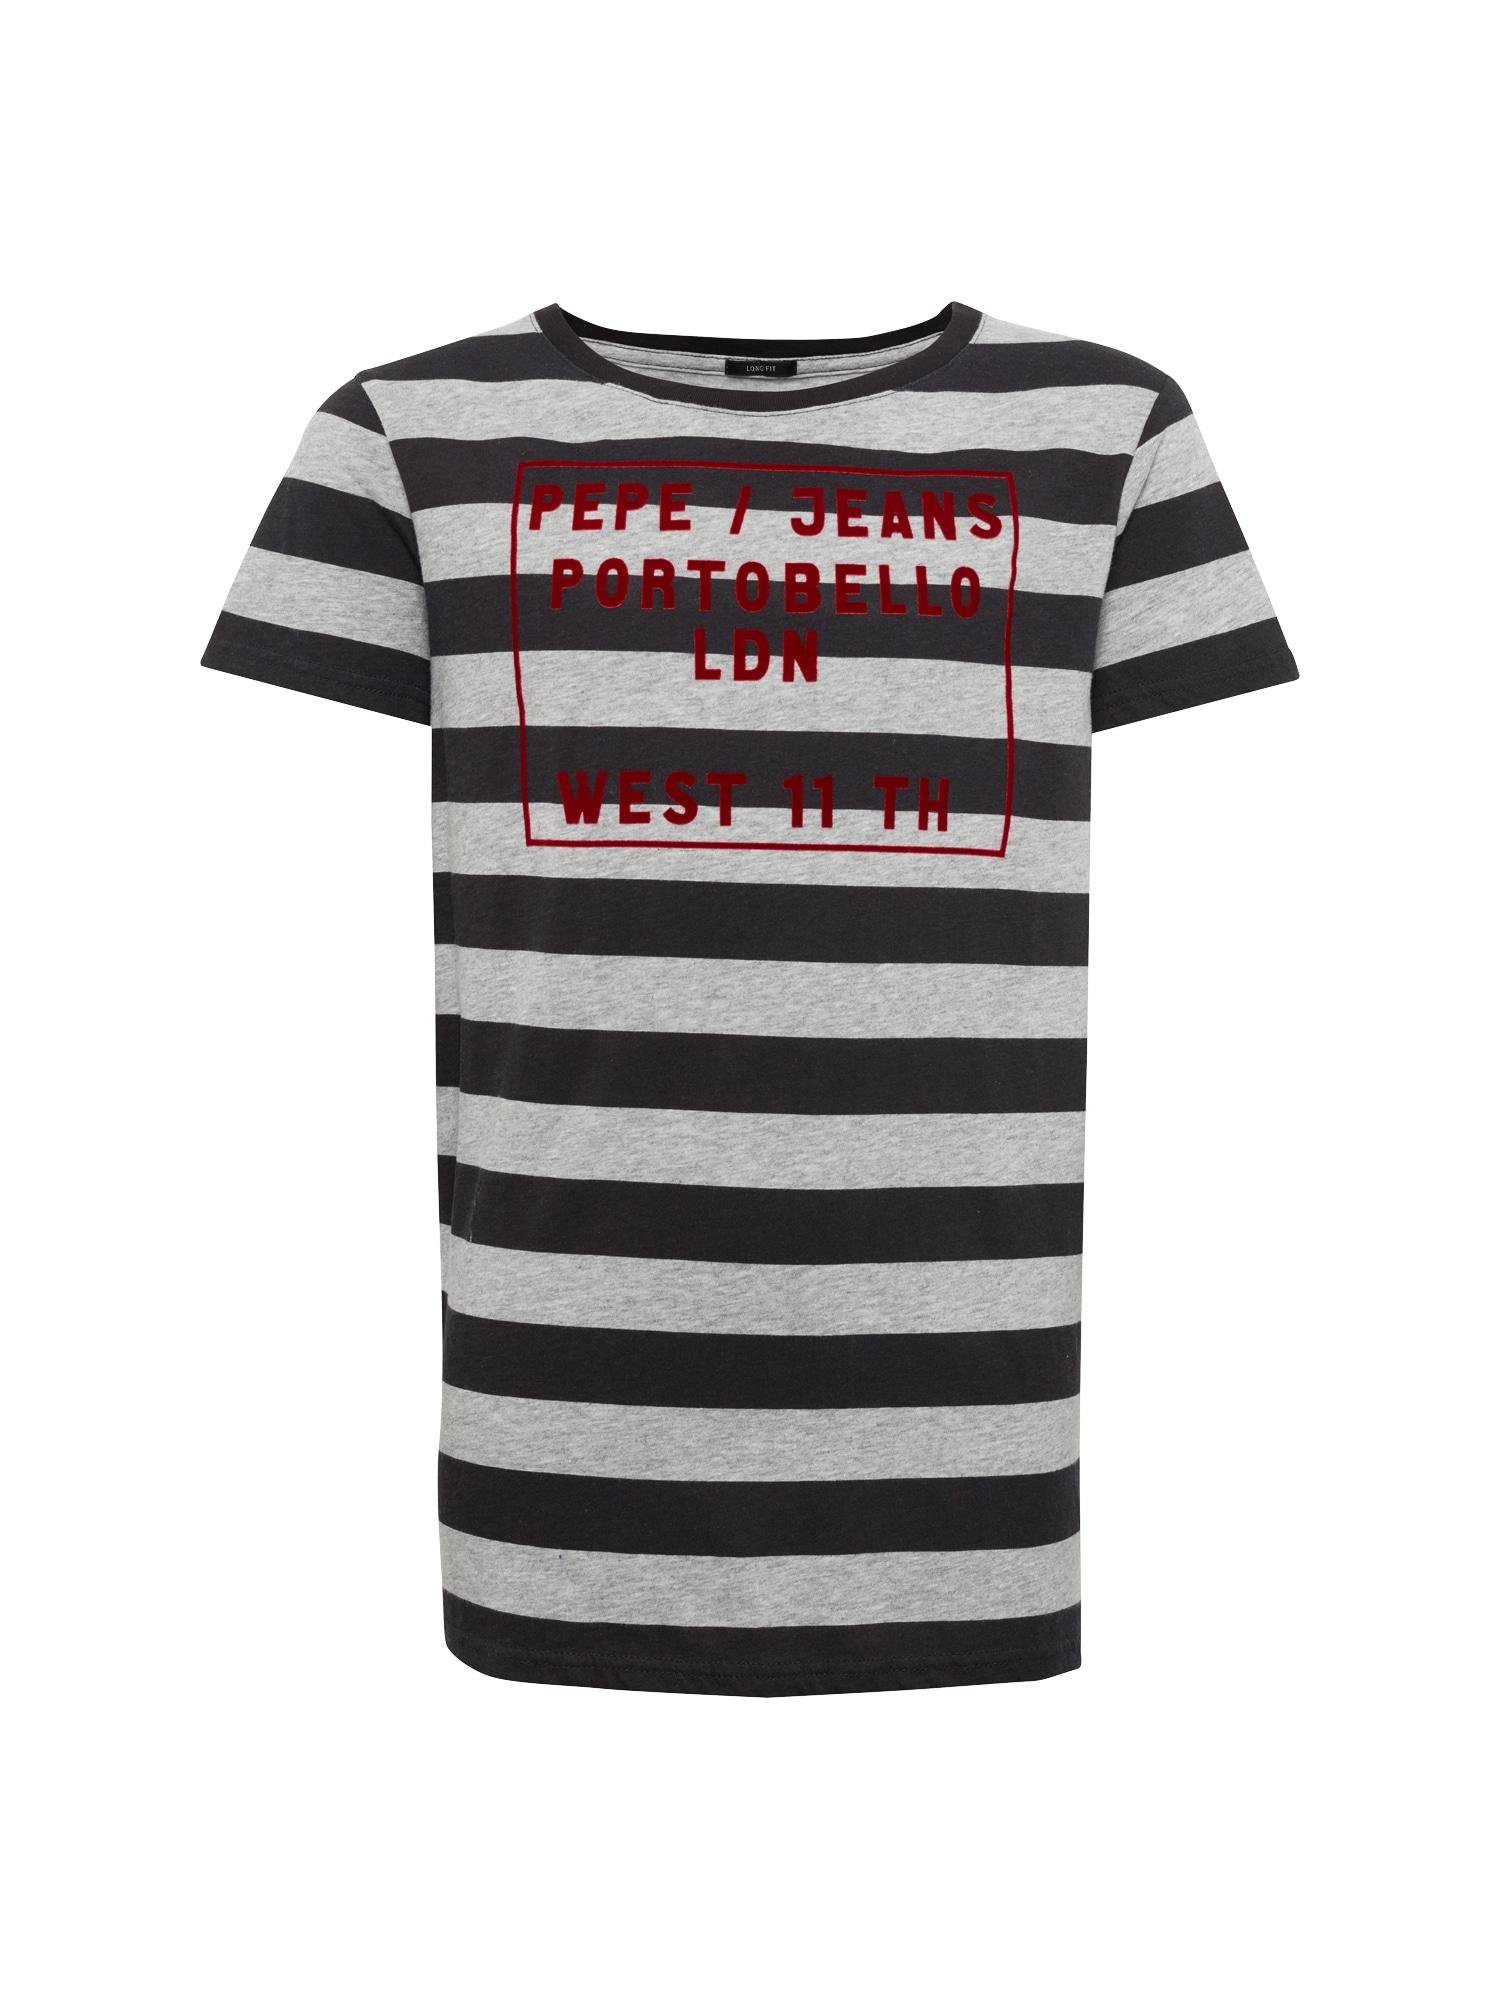 Pepe Jeans Jongens Shirt JAM TEEN grijs bloedrood zwart